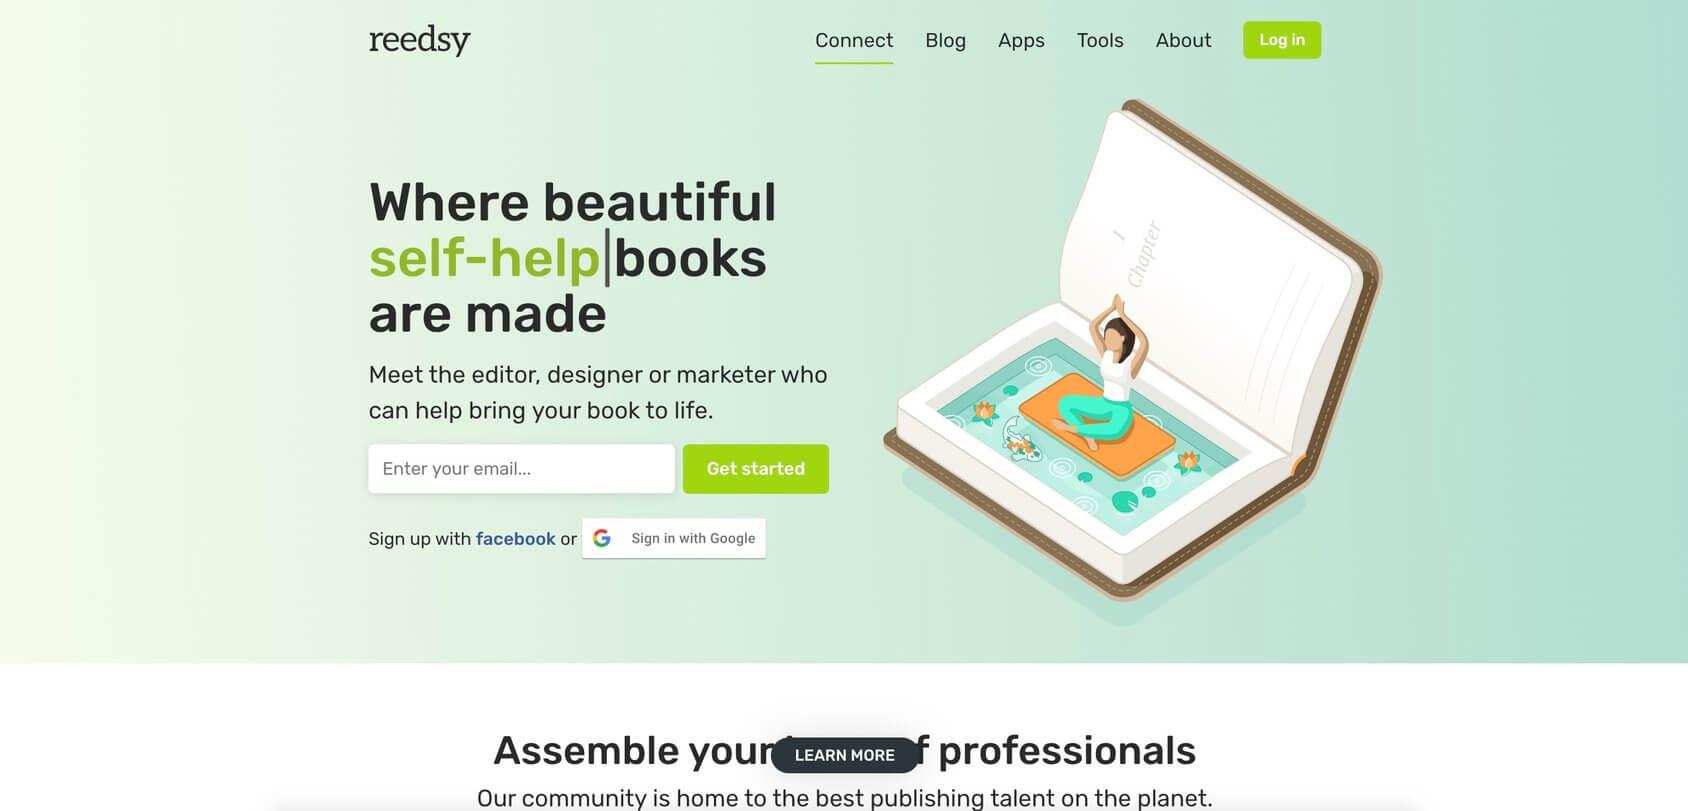 Reedsy homepage